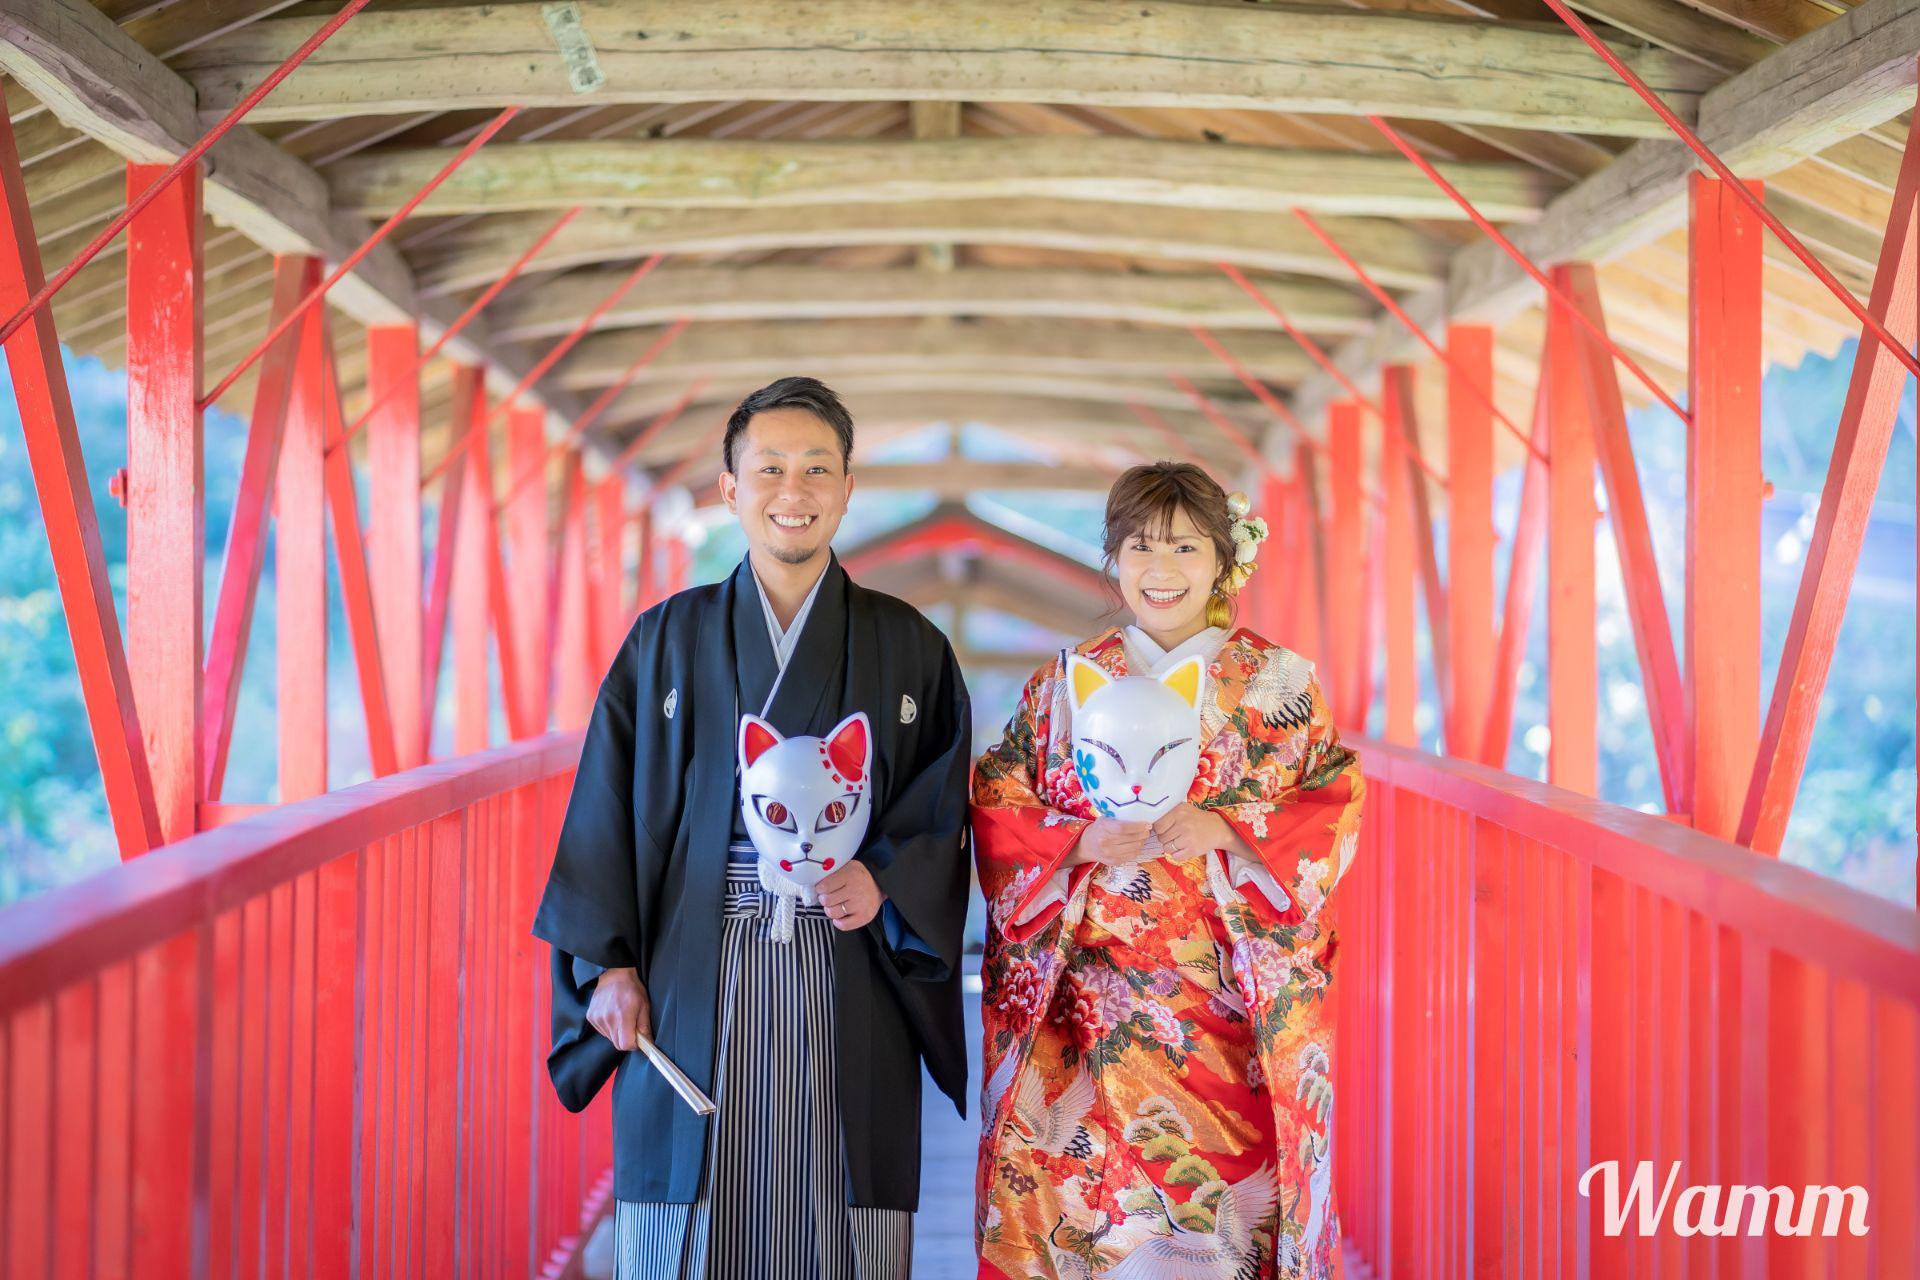 浜松・方広寺で「鬼滅の刃」風の結婚式前撮りしてきました